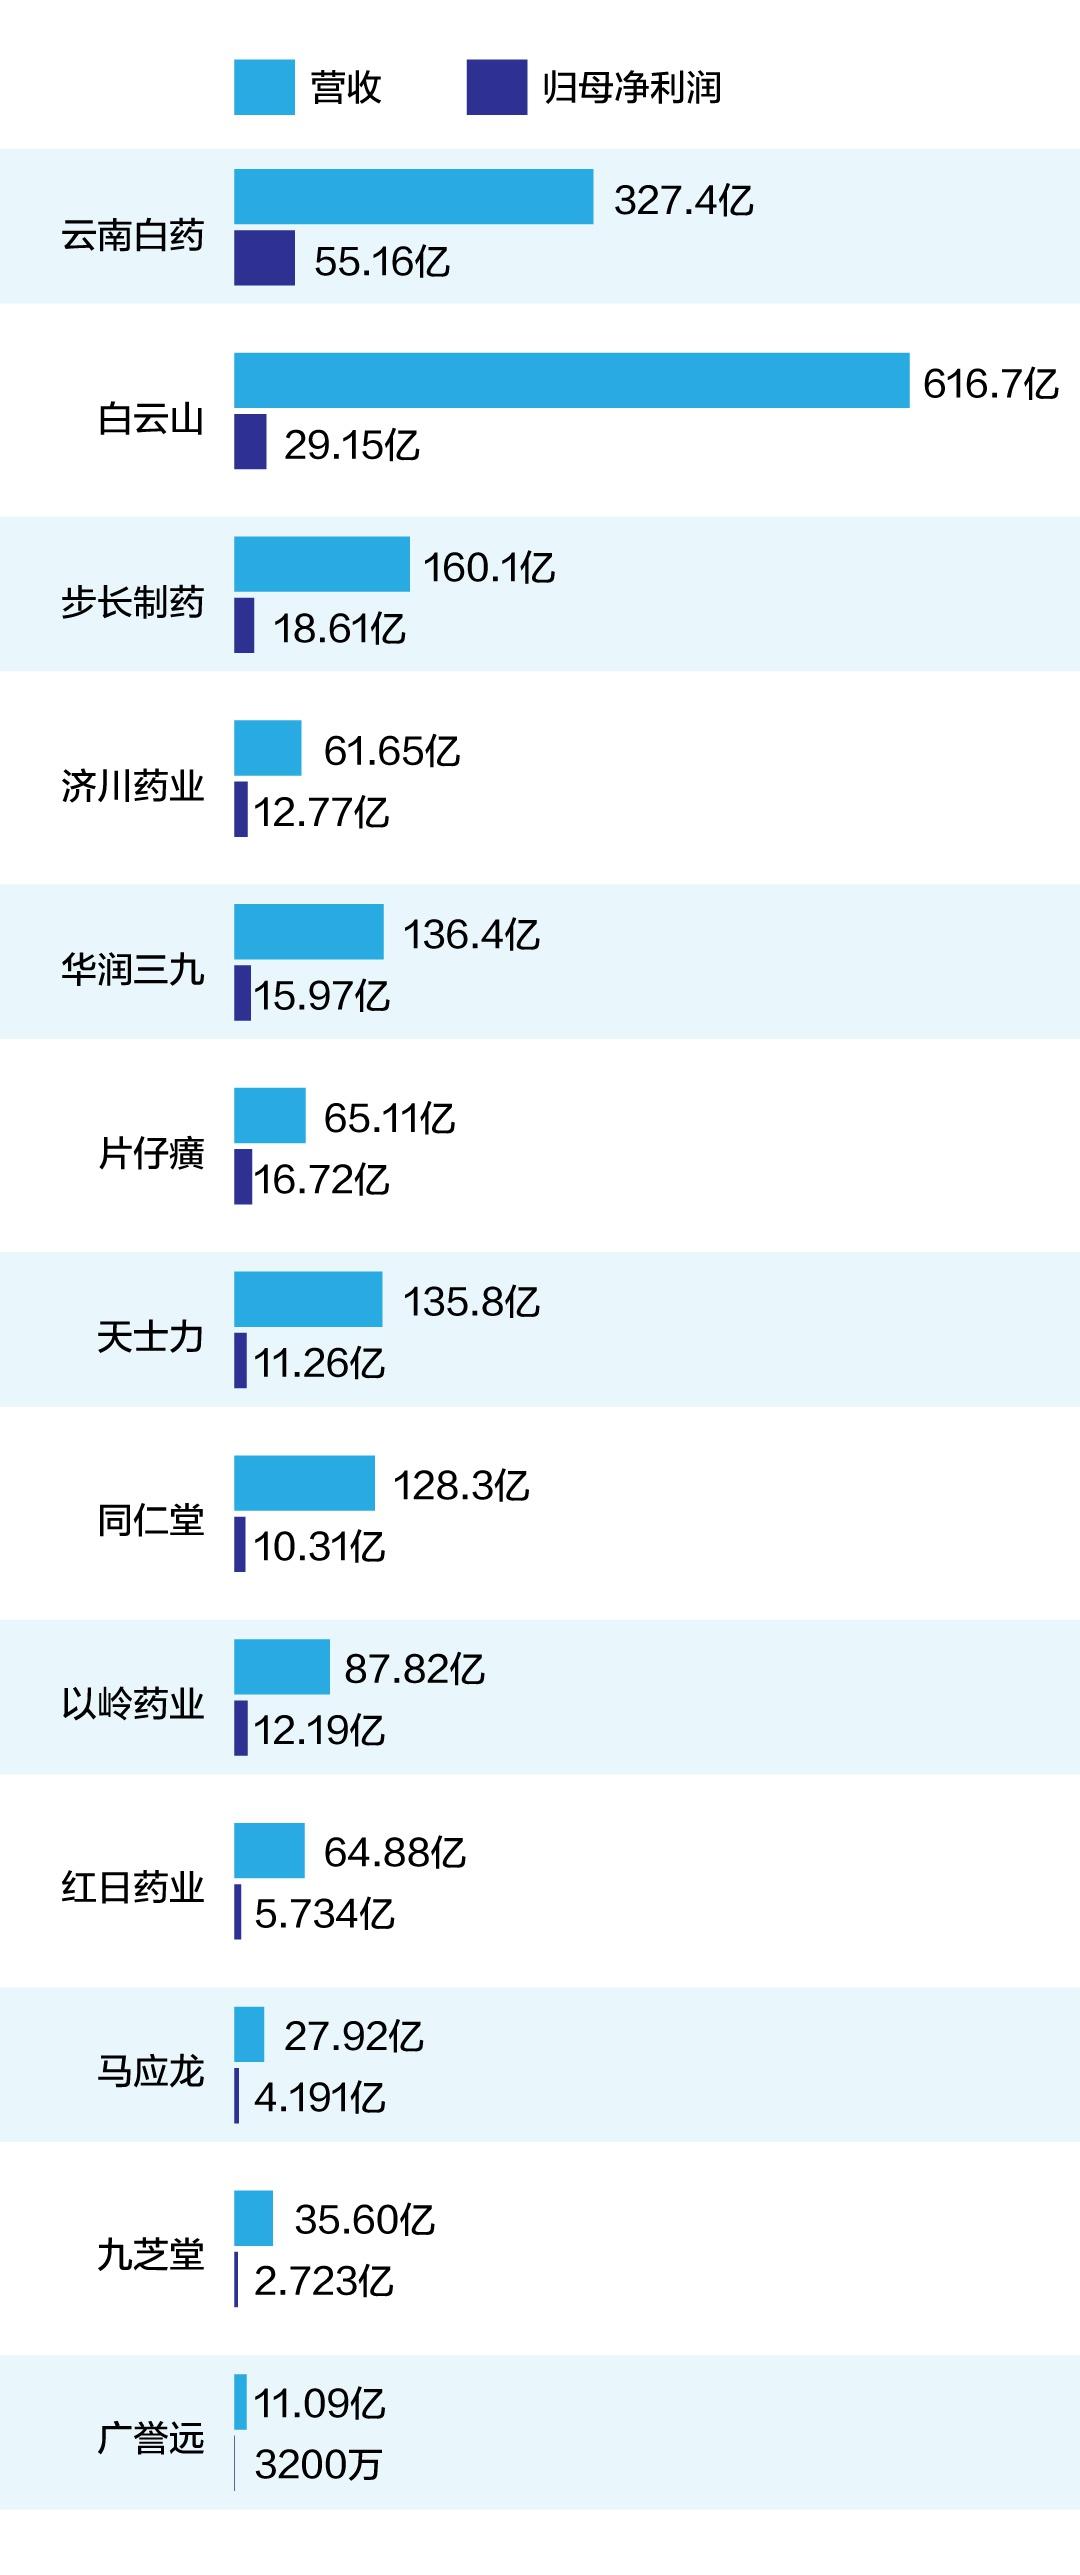 代表性中药上市公司2020年营收和归母净利润(单位:元)